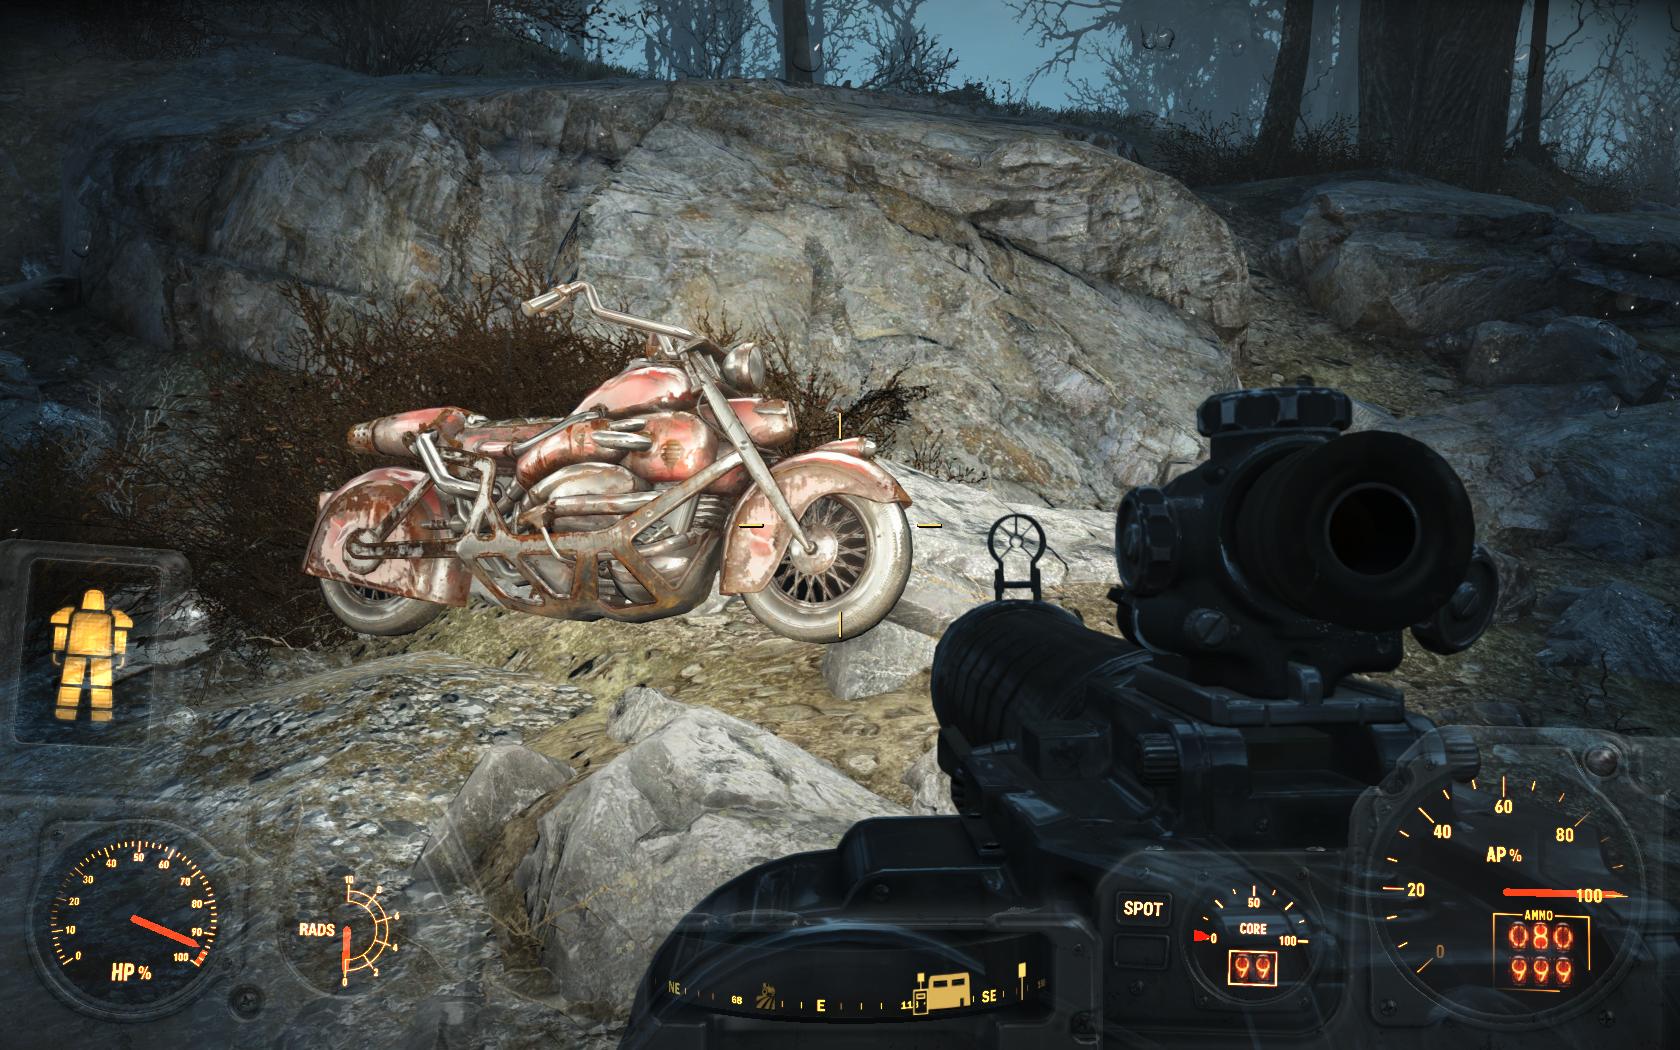 Никому не нужный целый мотоцикл. А сколько там ценных компонентов! (Теплица Гринтоп) - Fallout 4 Гринтоп, мотоцикл, Теплица